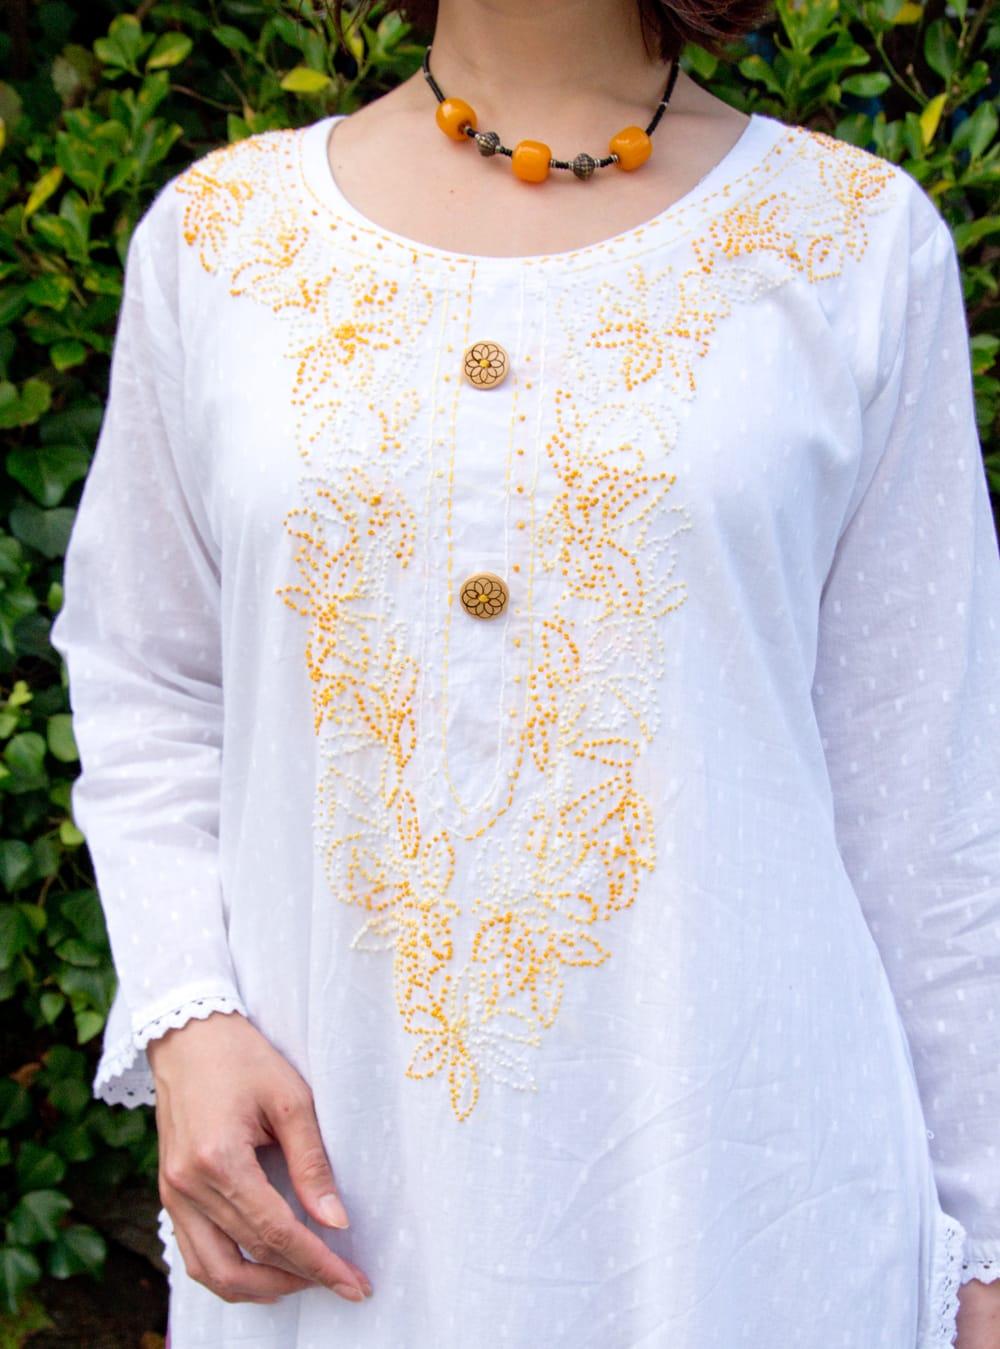 インナー付きが嬉しい!ホワイトドット生地の刺繍クルティ 5 - 胸元の刺繍が華やかです。